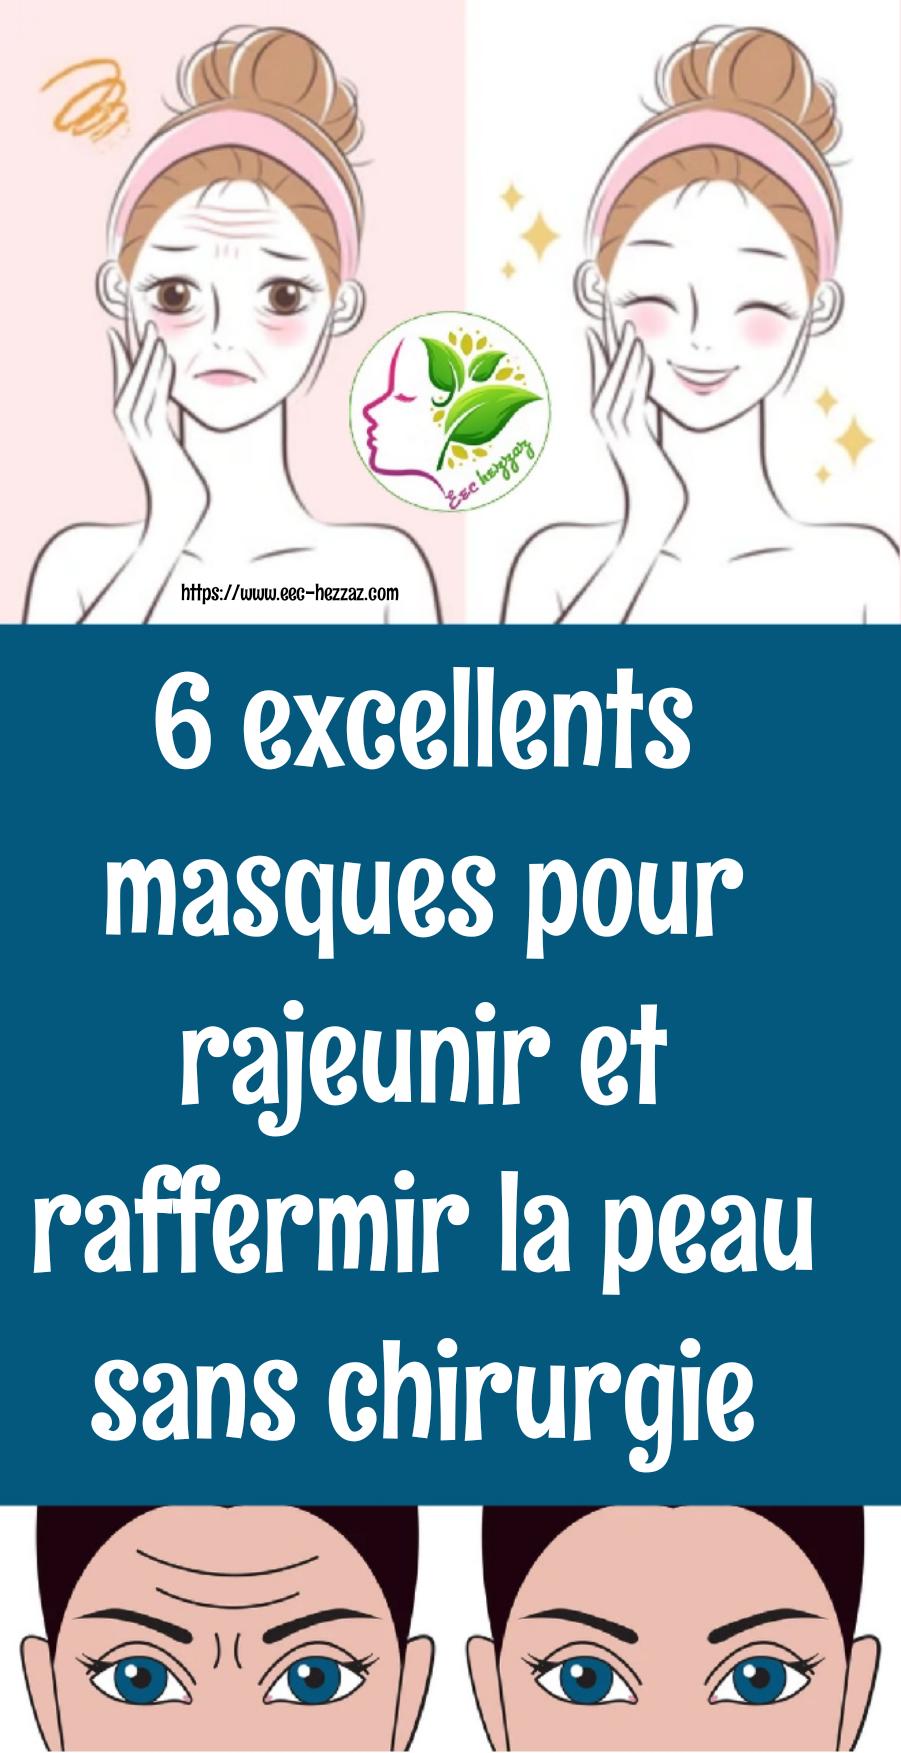 6 excellents masques pour rajeunir et raffermir la peau sans chirurgie